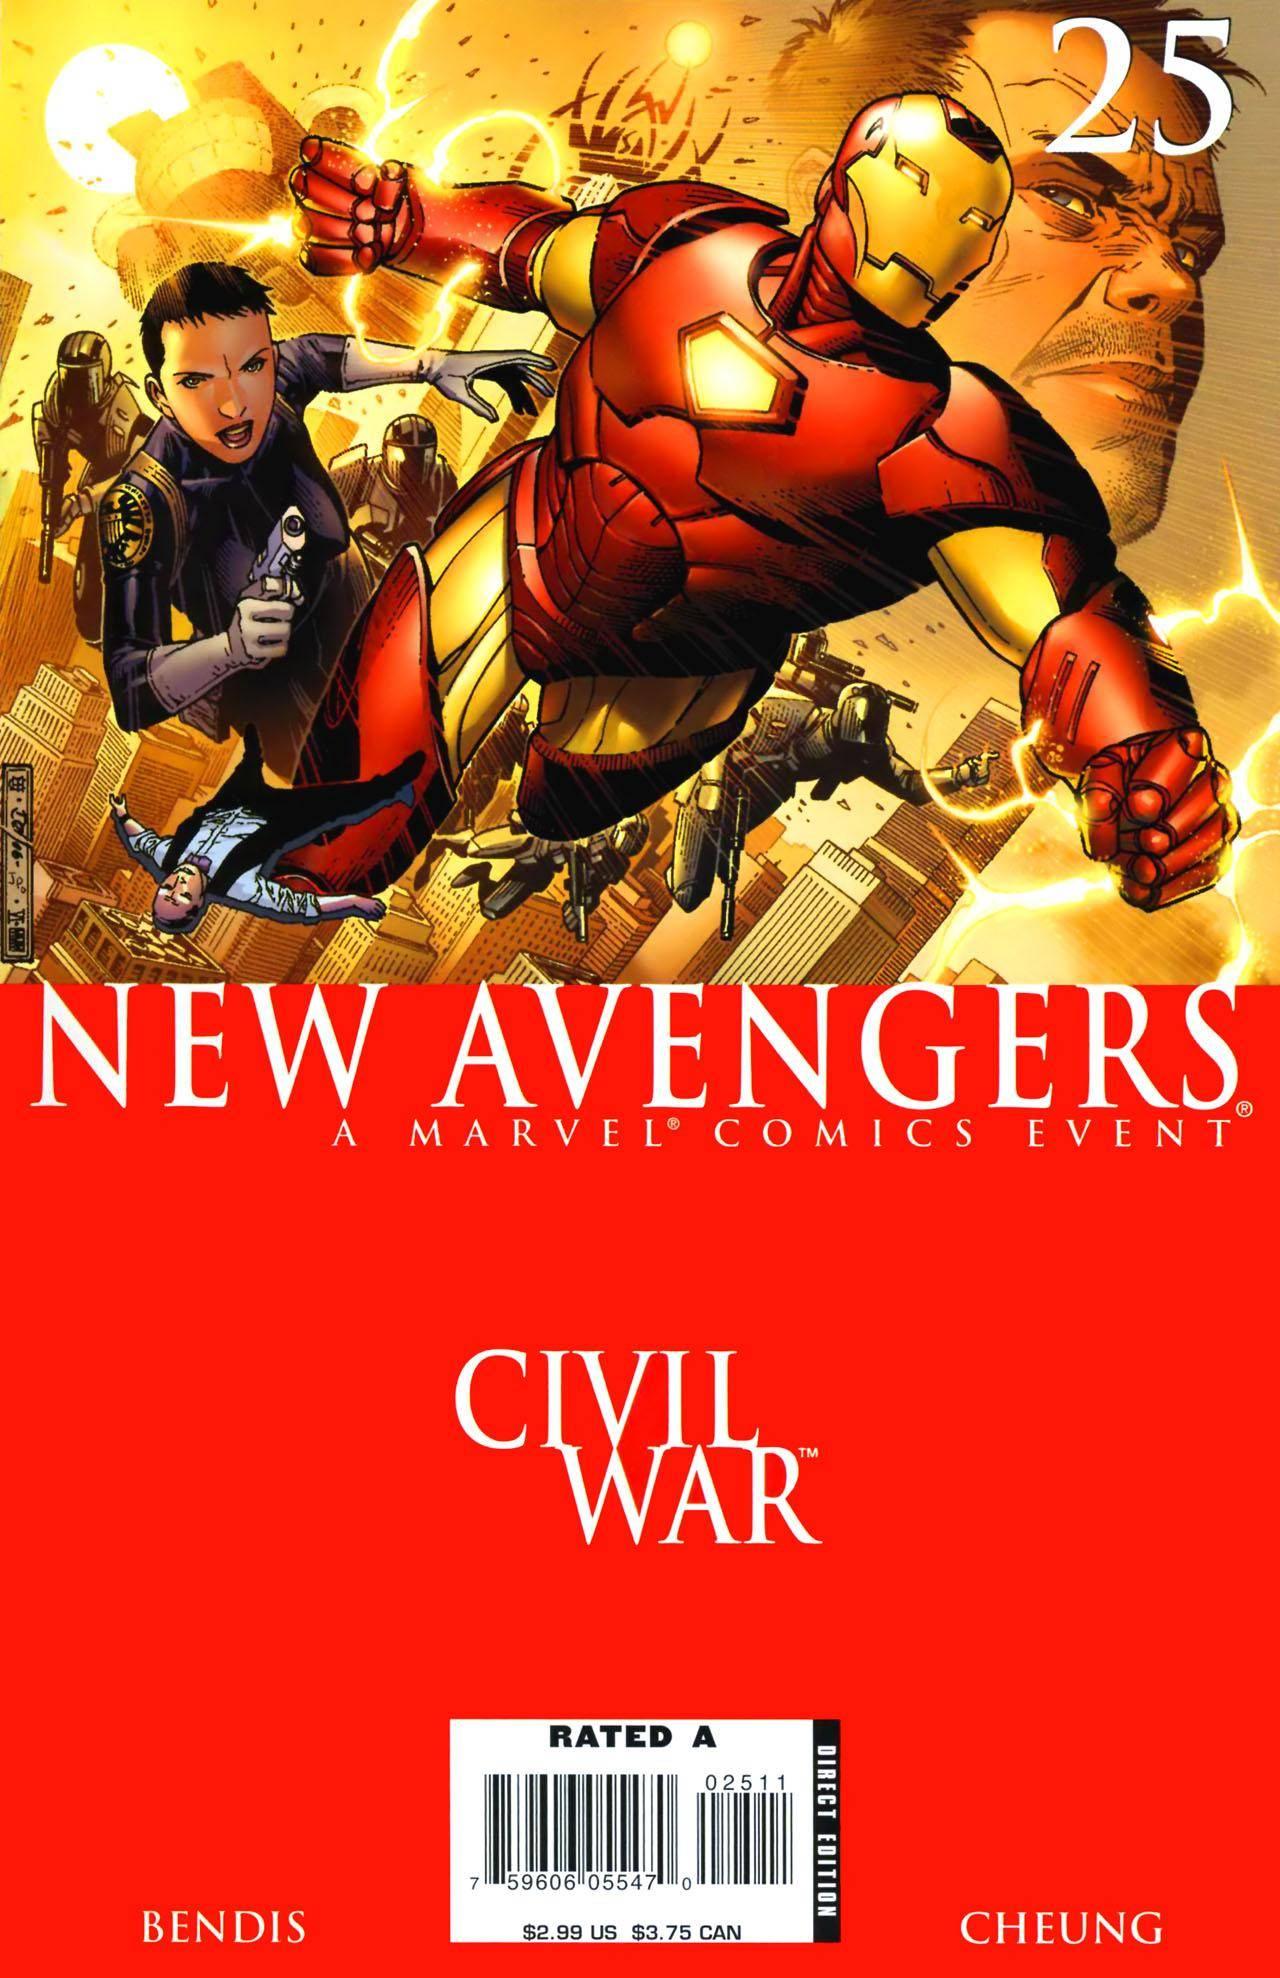 New Avengers 025